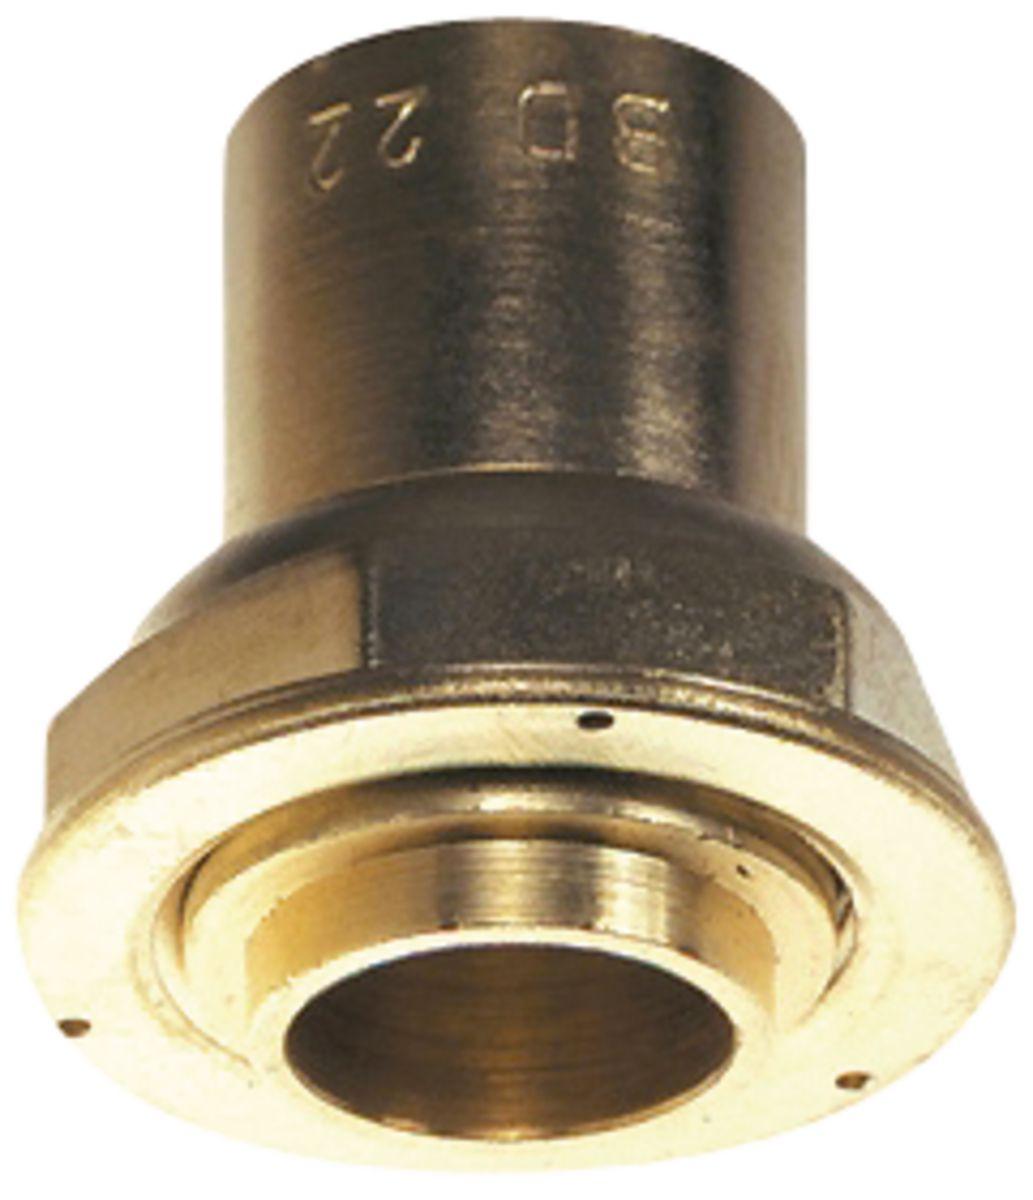 Raccord droit 2 pièces à joint plat compteur à oreille BD2309CU écrou 6/20 à braser sur cuivre : 22 DN : cal. 20 réf 0230940